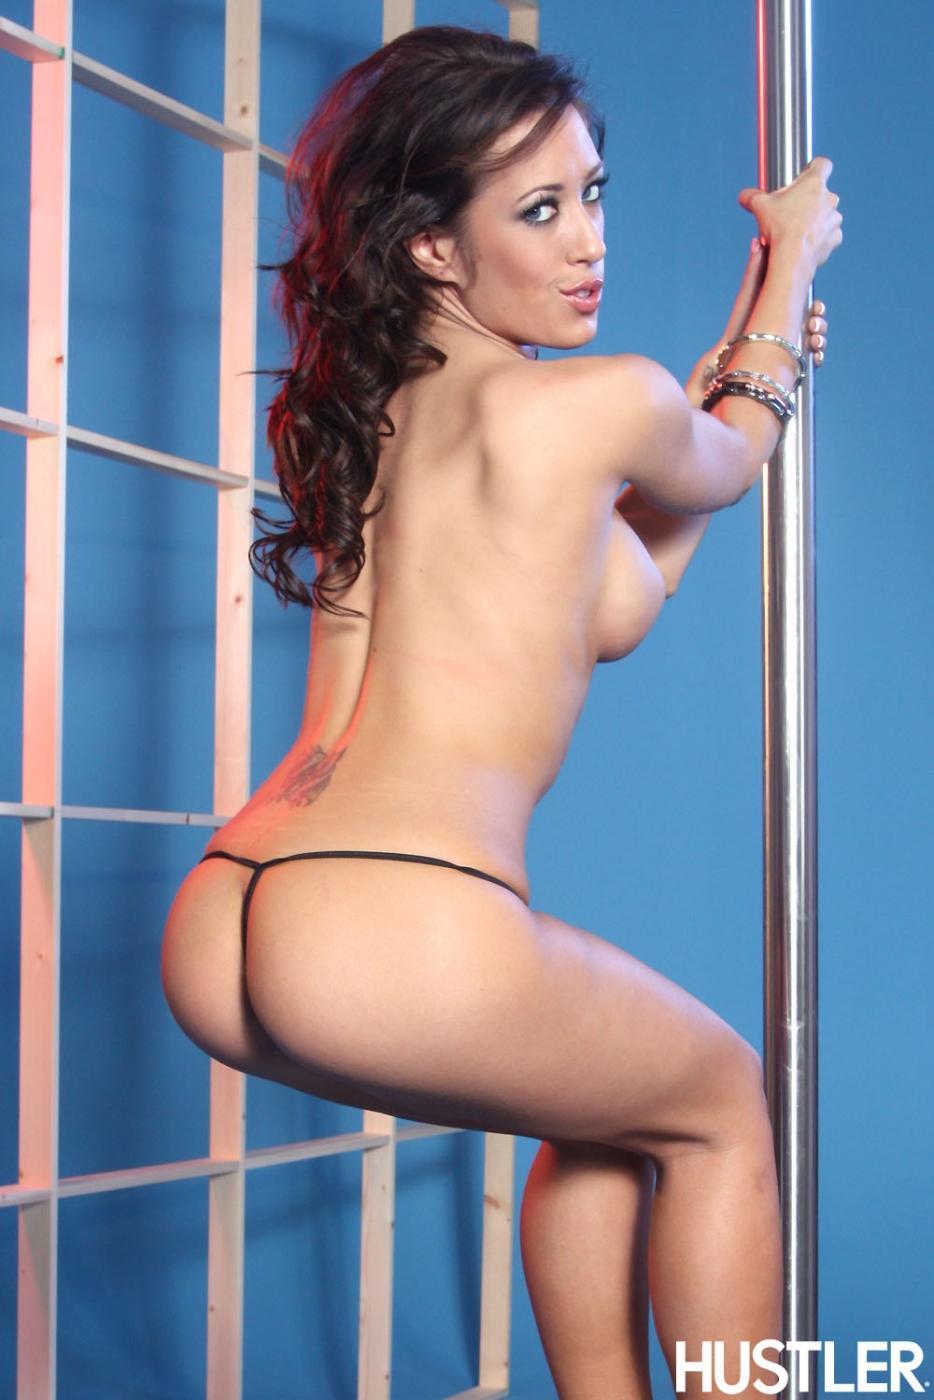 Шатенка Capri Cavalli гордится своими прекрасными круглыми грудями и попкой